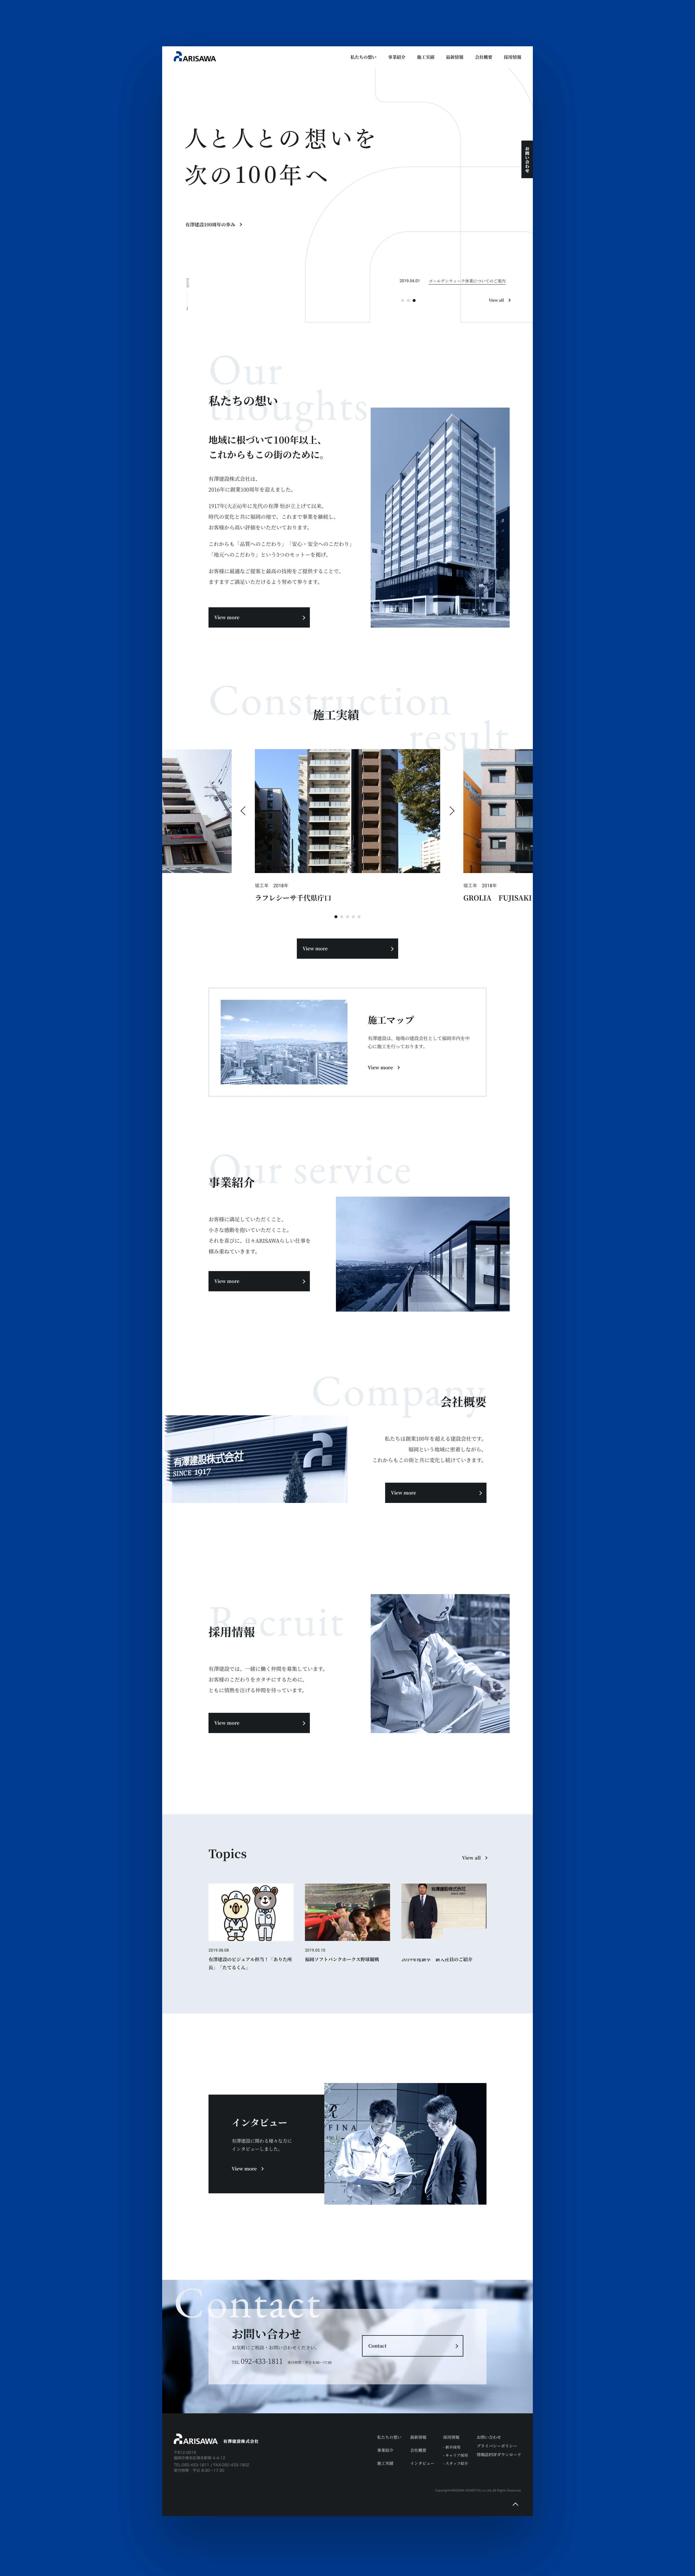 Web_full